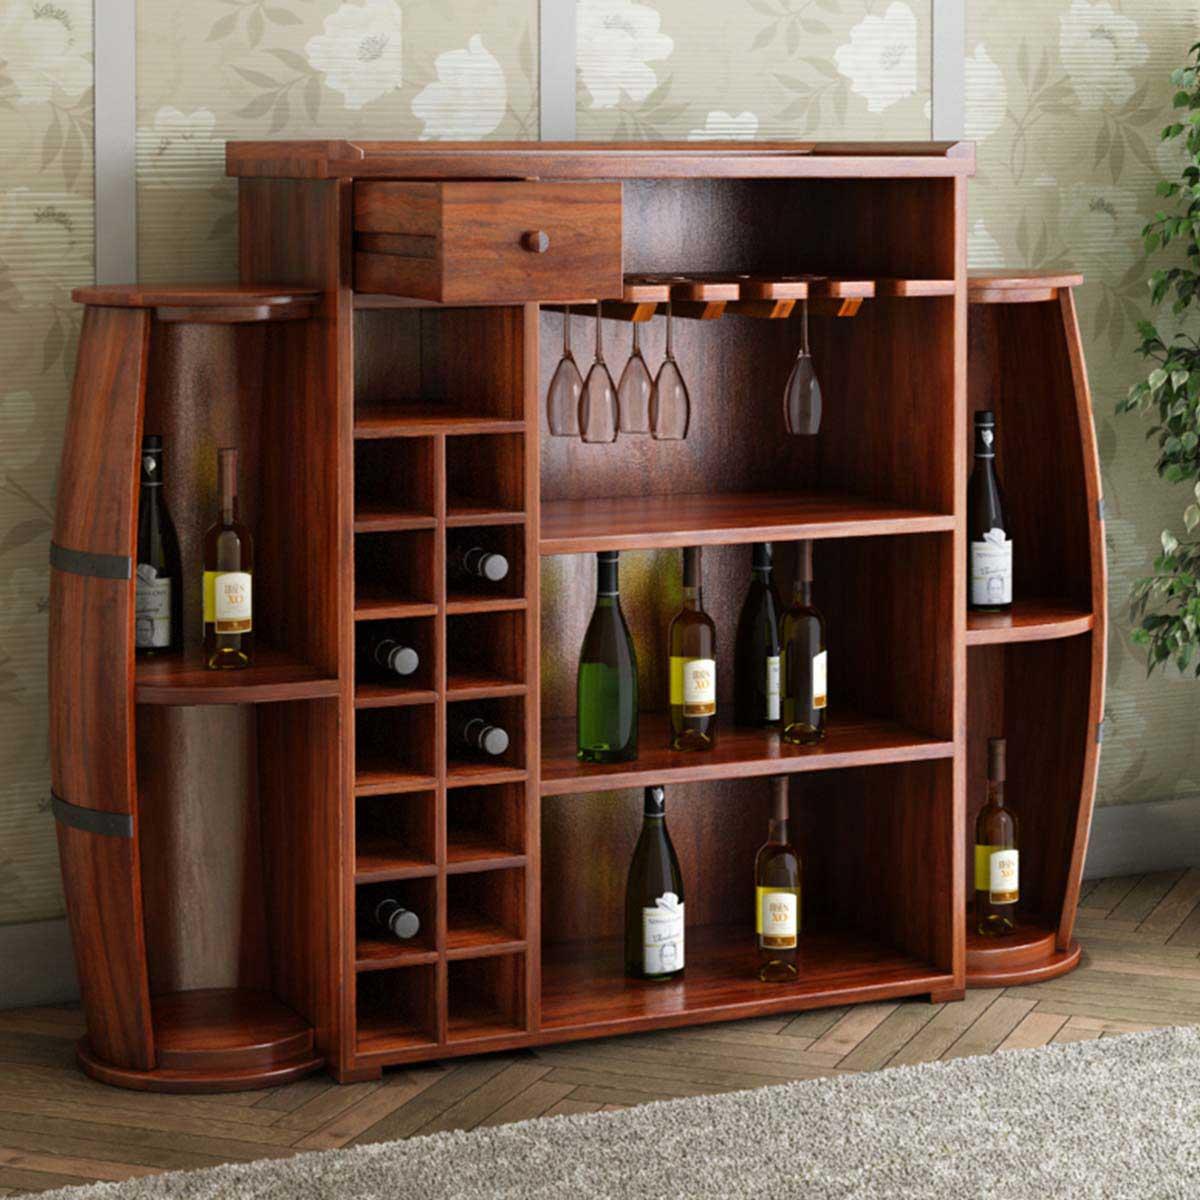 Fullsize Of Home Bar Cabinet